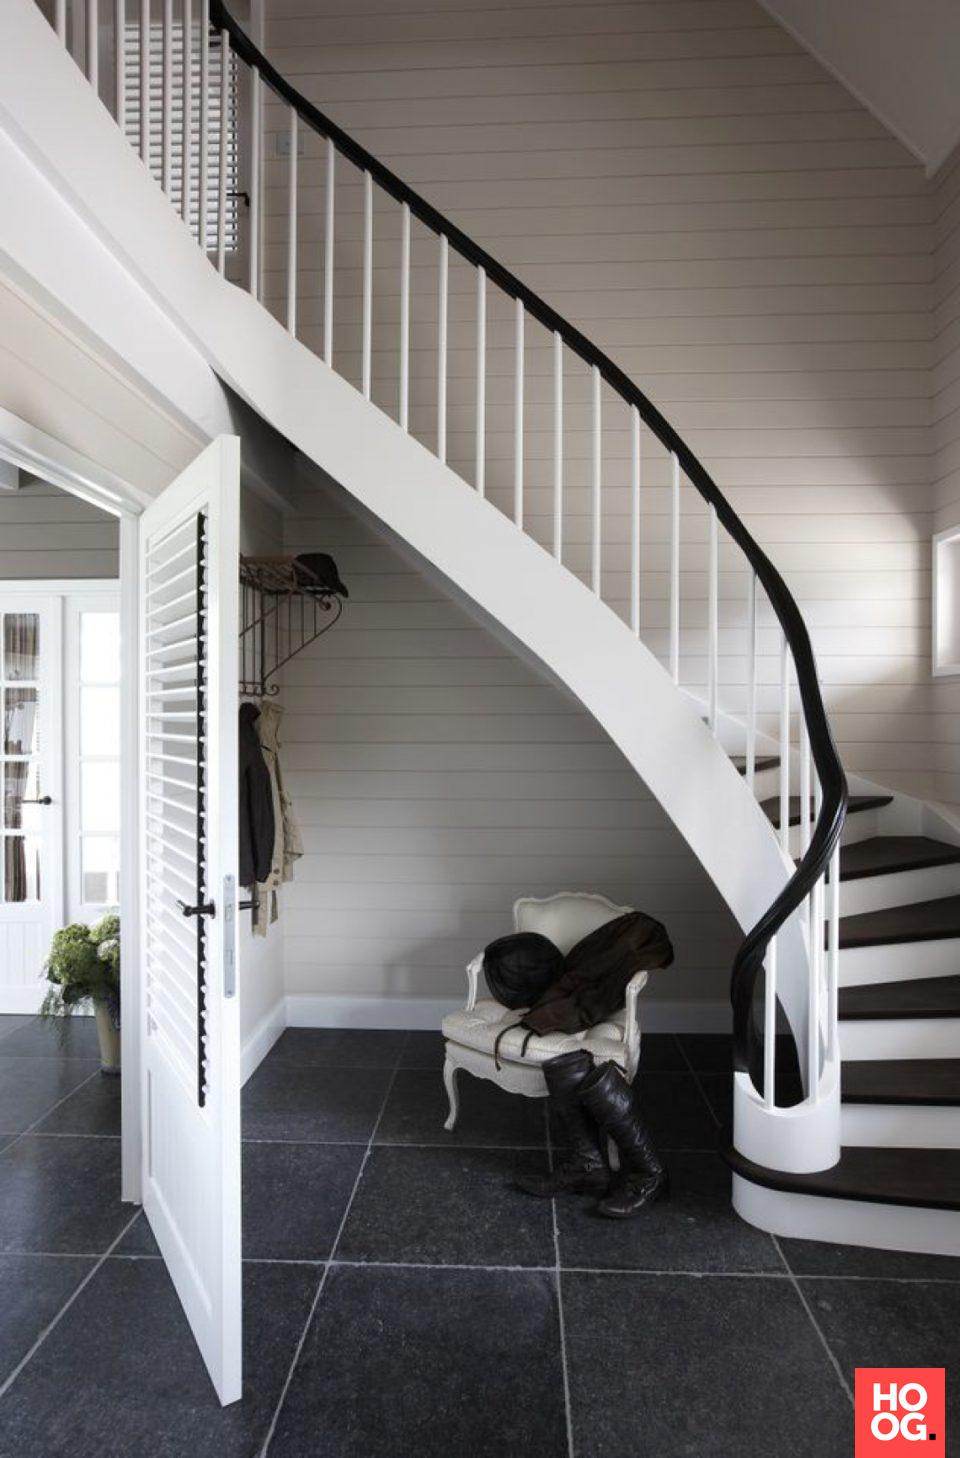 Gebogen trap met houten treden | hal inrichting | interieur inspiratie | hallway ideas | Hoog.design #halinrichting